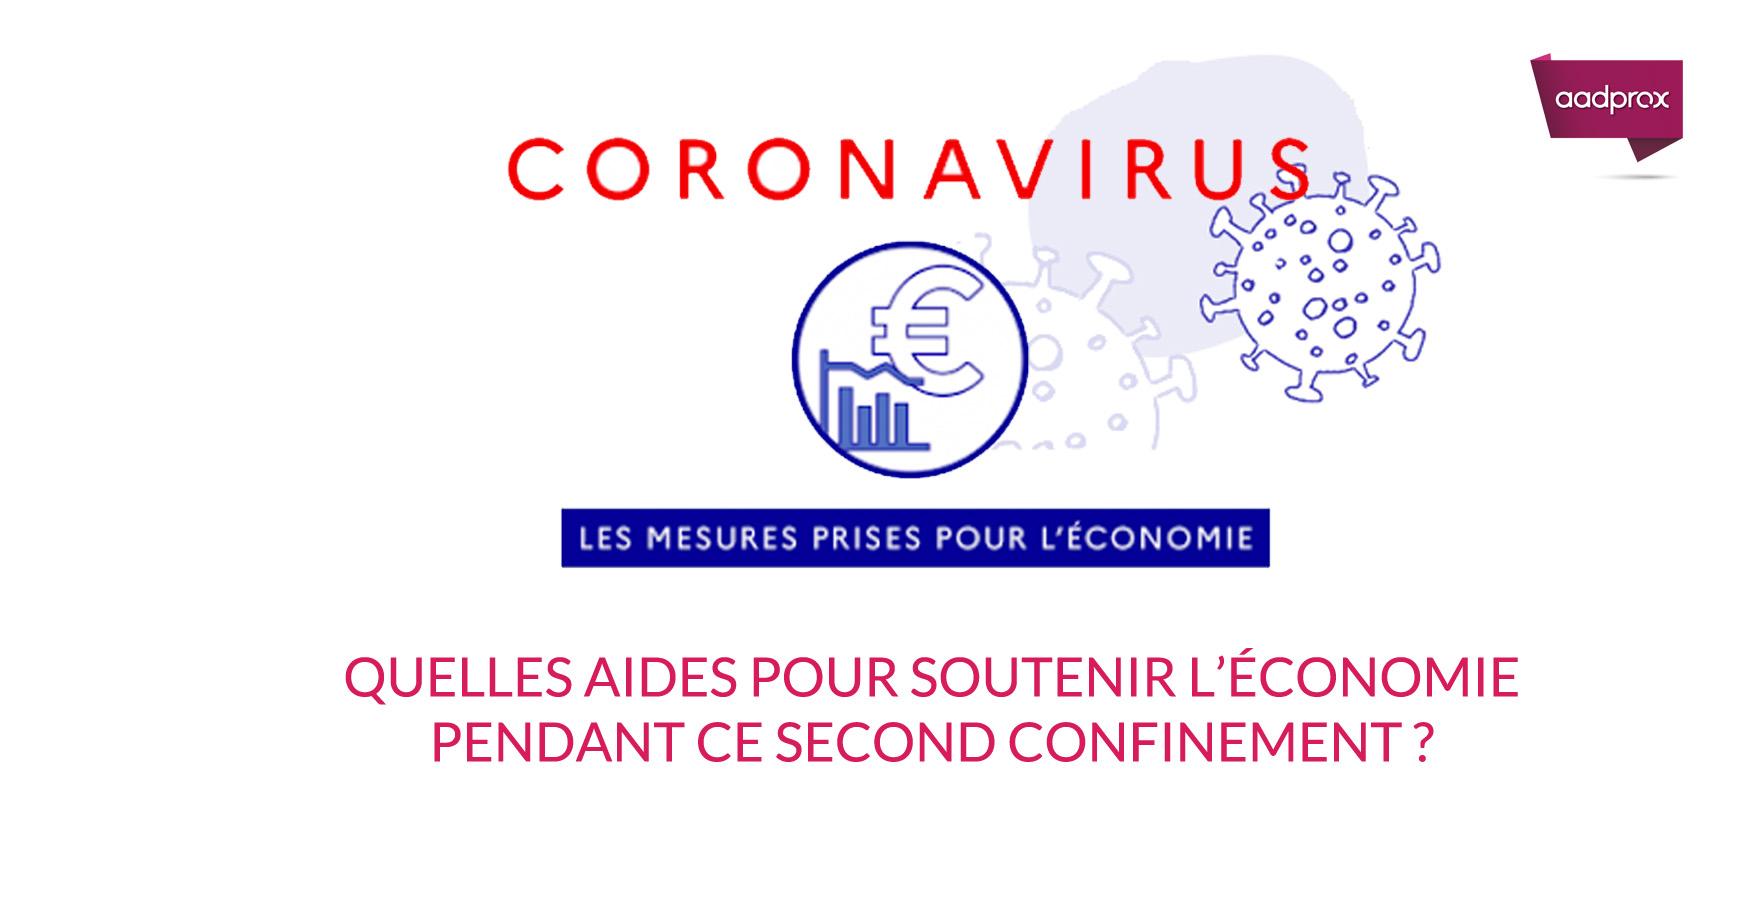 Confinement seconde vague : synthèse des annonces pour soutenir l'économie